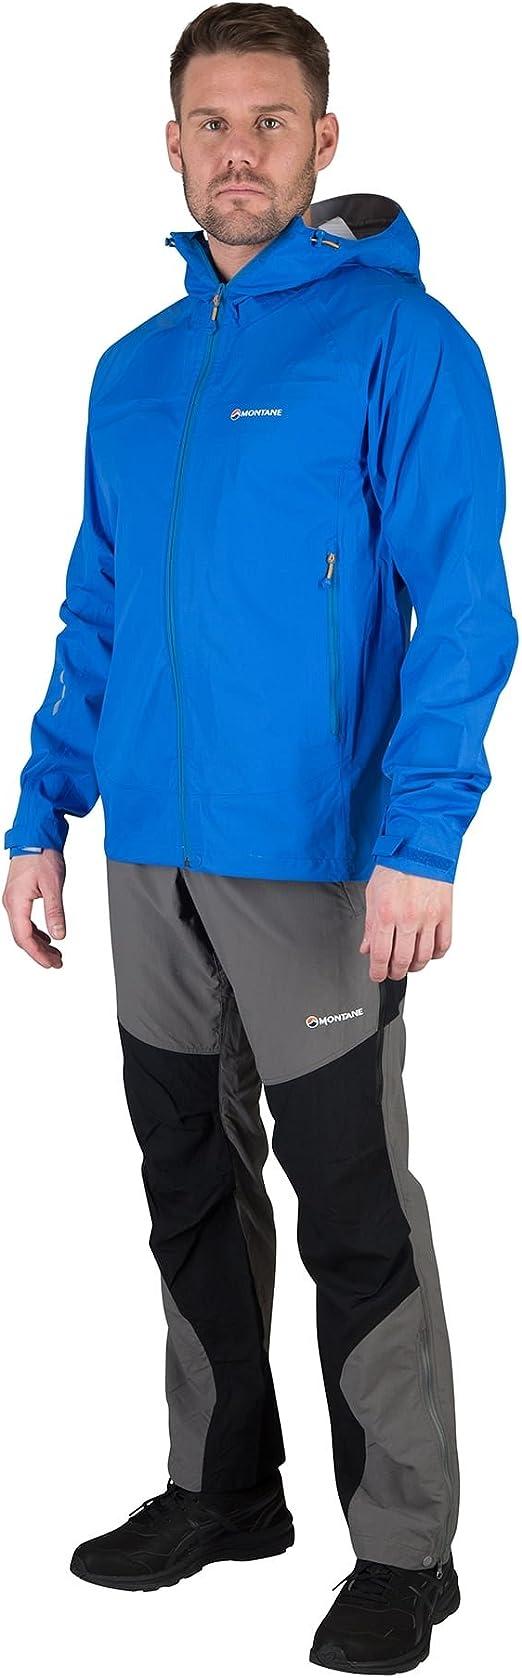 Montane Terra homme toute saison Pantalon vent et résistant à l/'eau taille standard